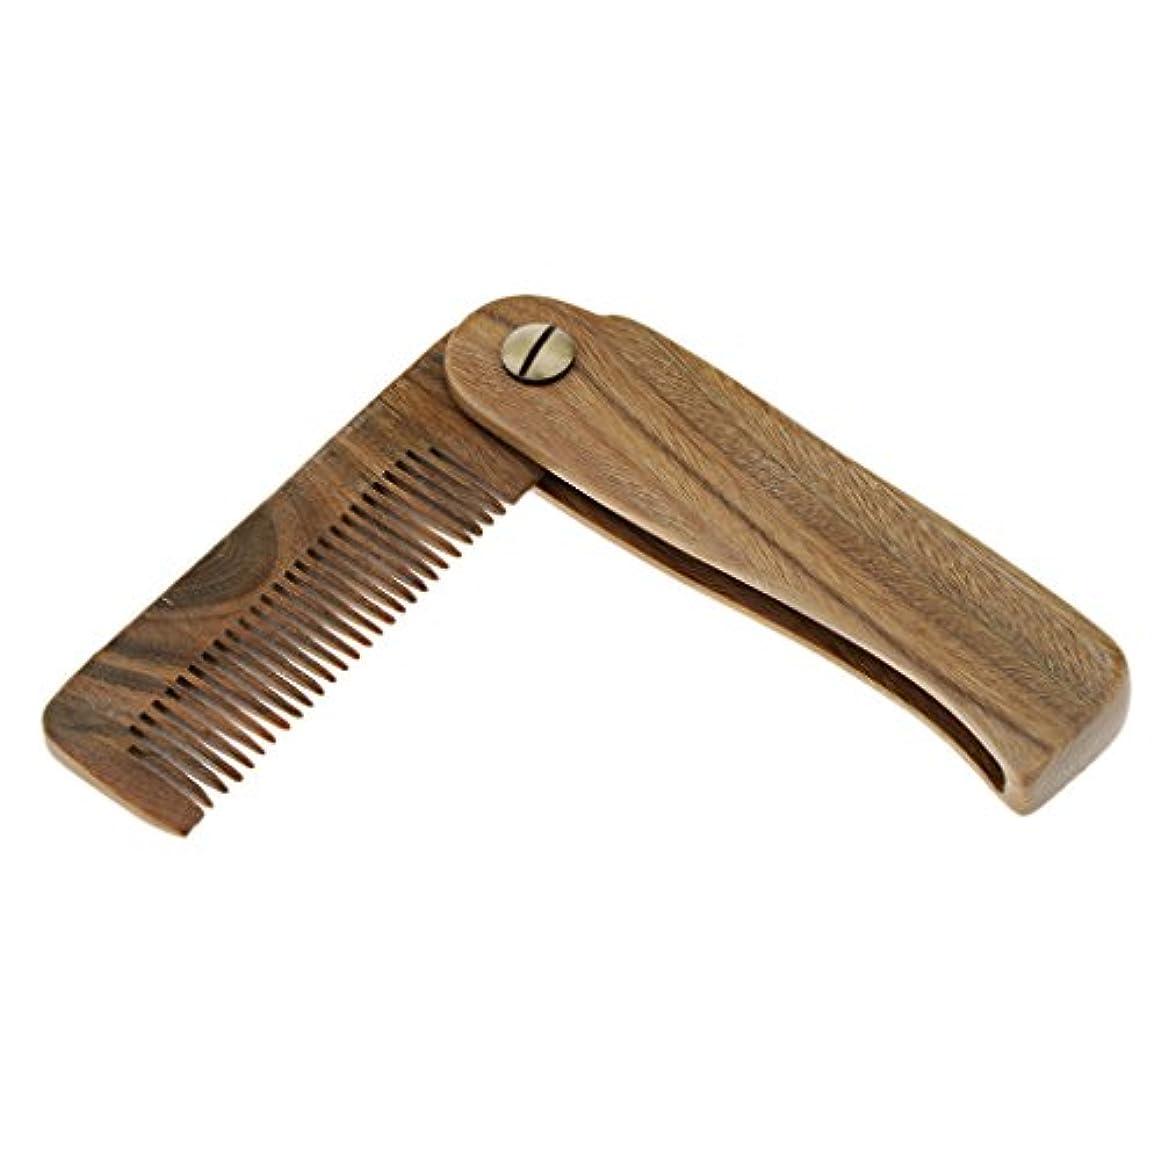 教えて靴歴史的Toygogo 折り畳み式木製櫛ひげと口ひげグルーミングスタイリング櫛男性用静電気防止 - A